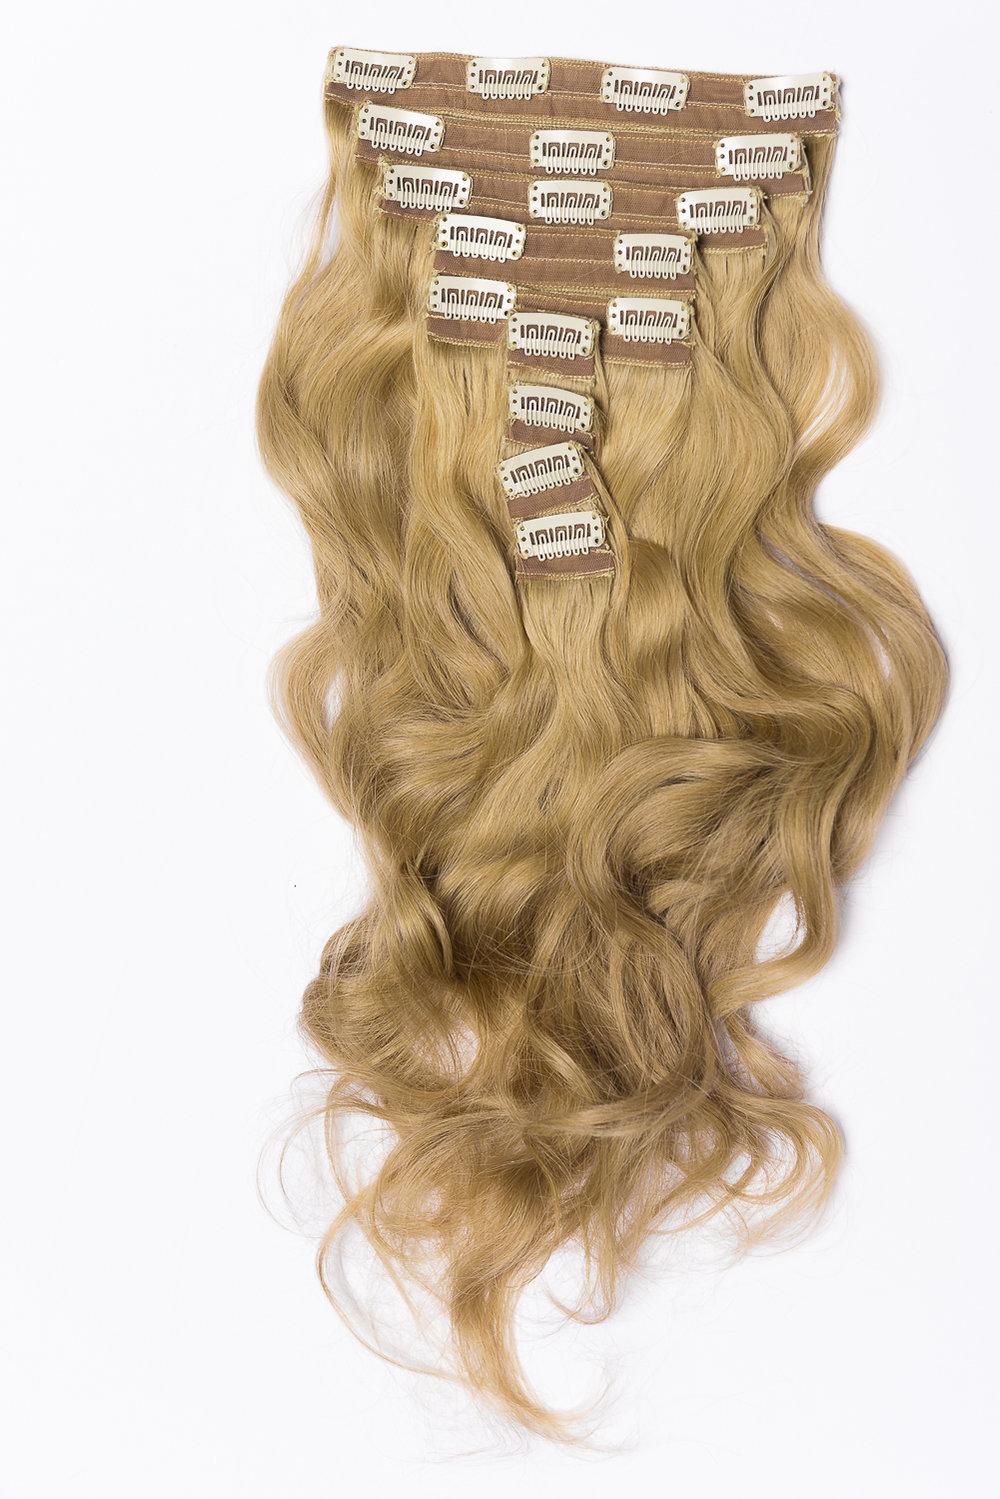 #14 Dark Blonde